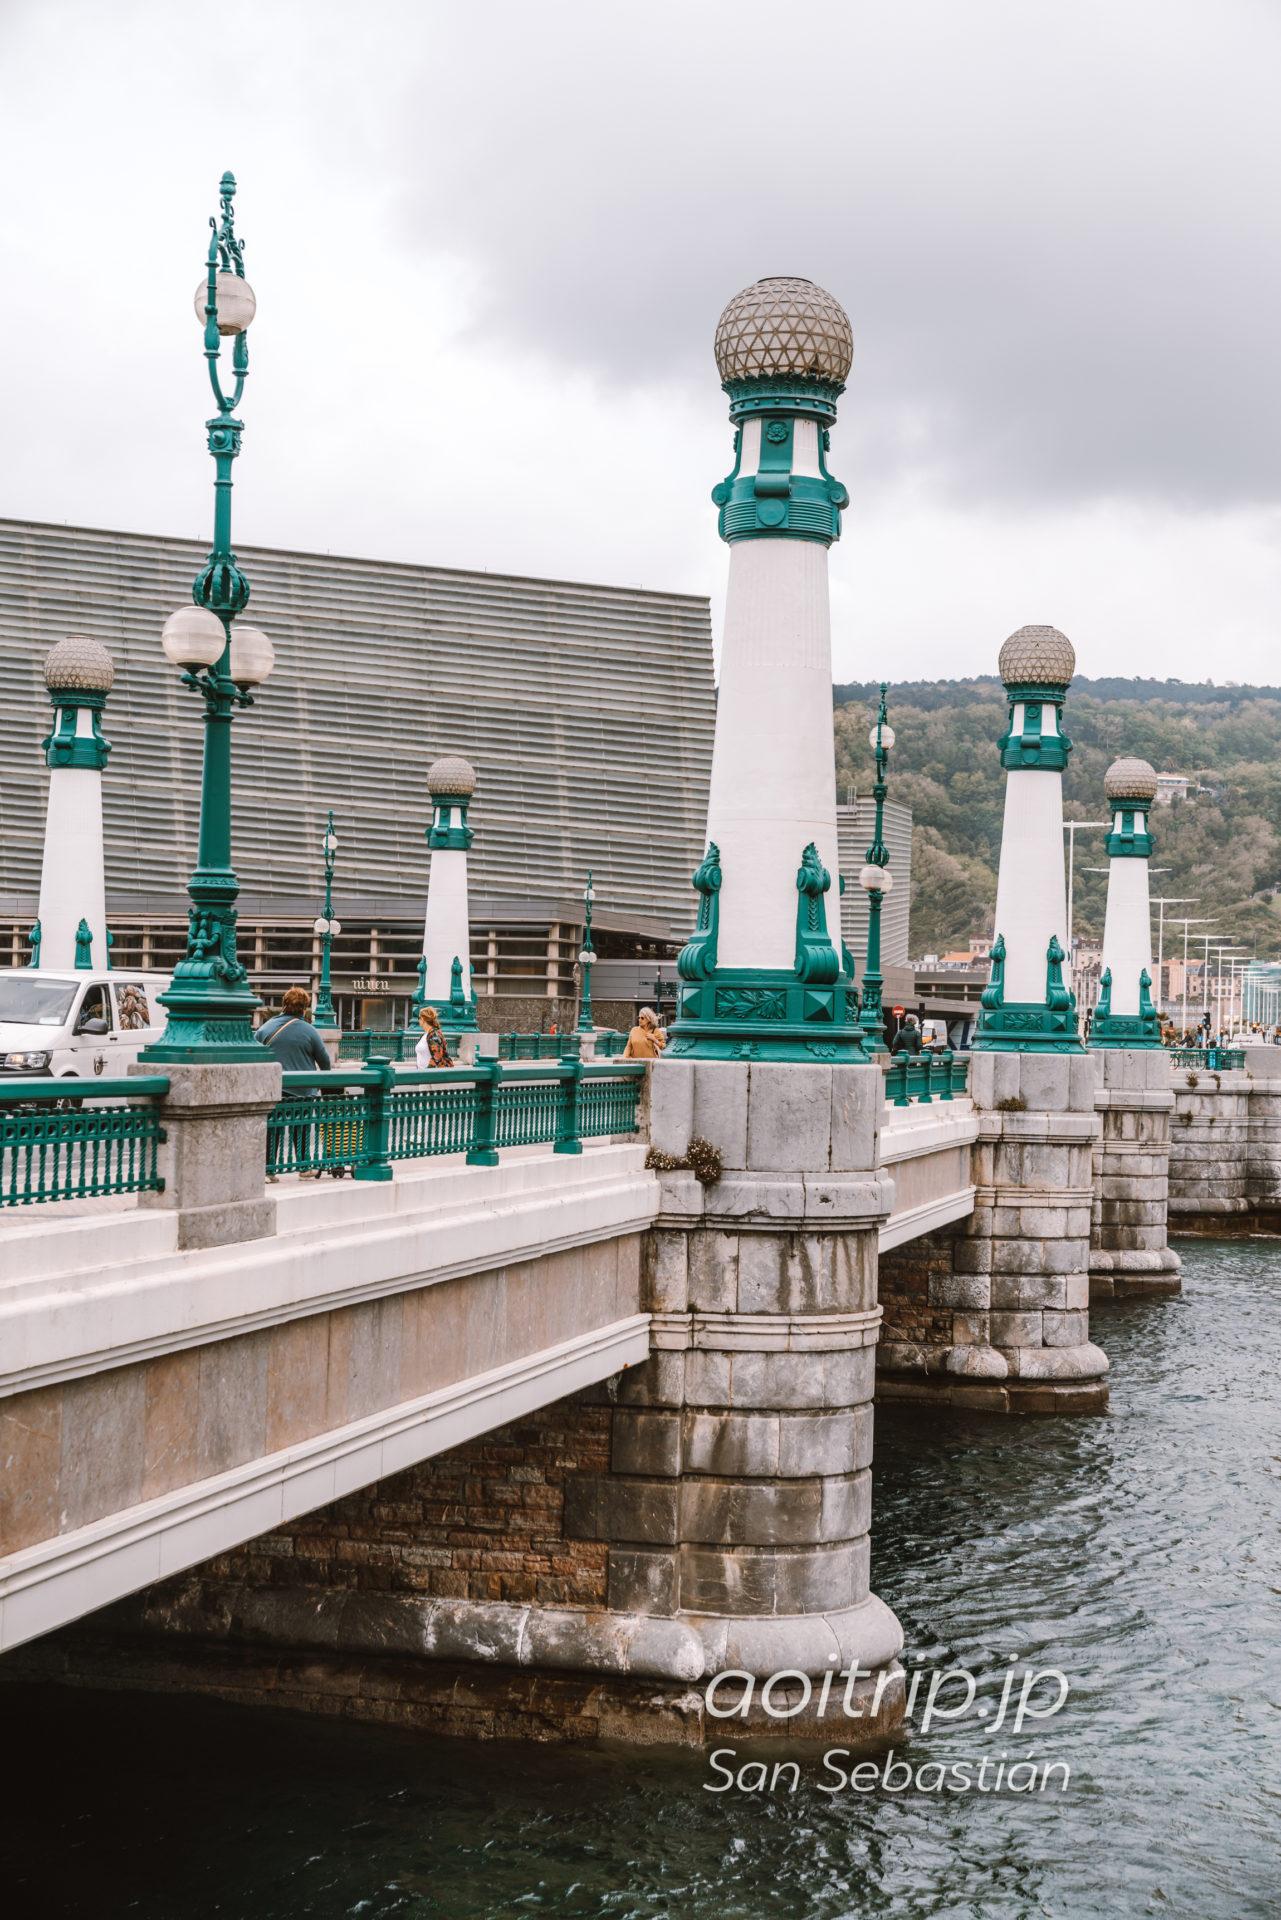 サンセバスチャン ズリオラ橋(Puente de la Zurriola)